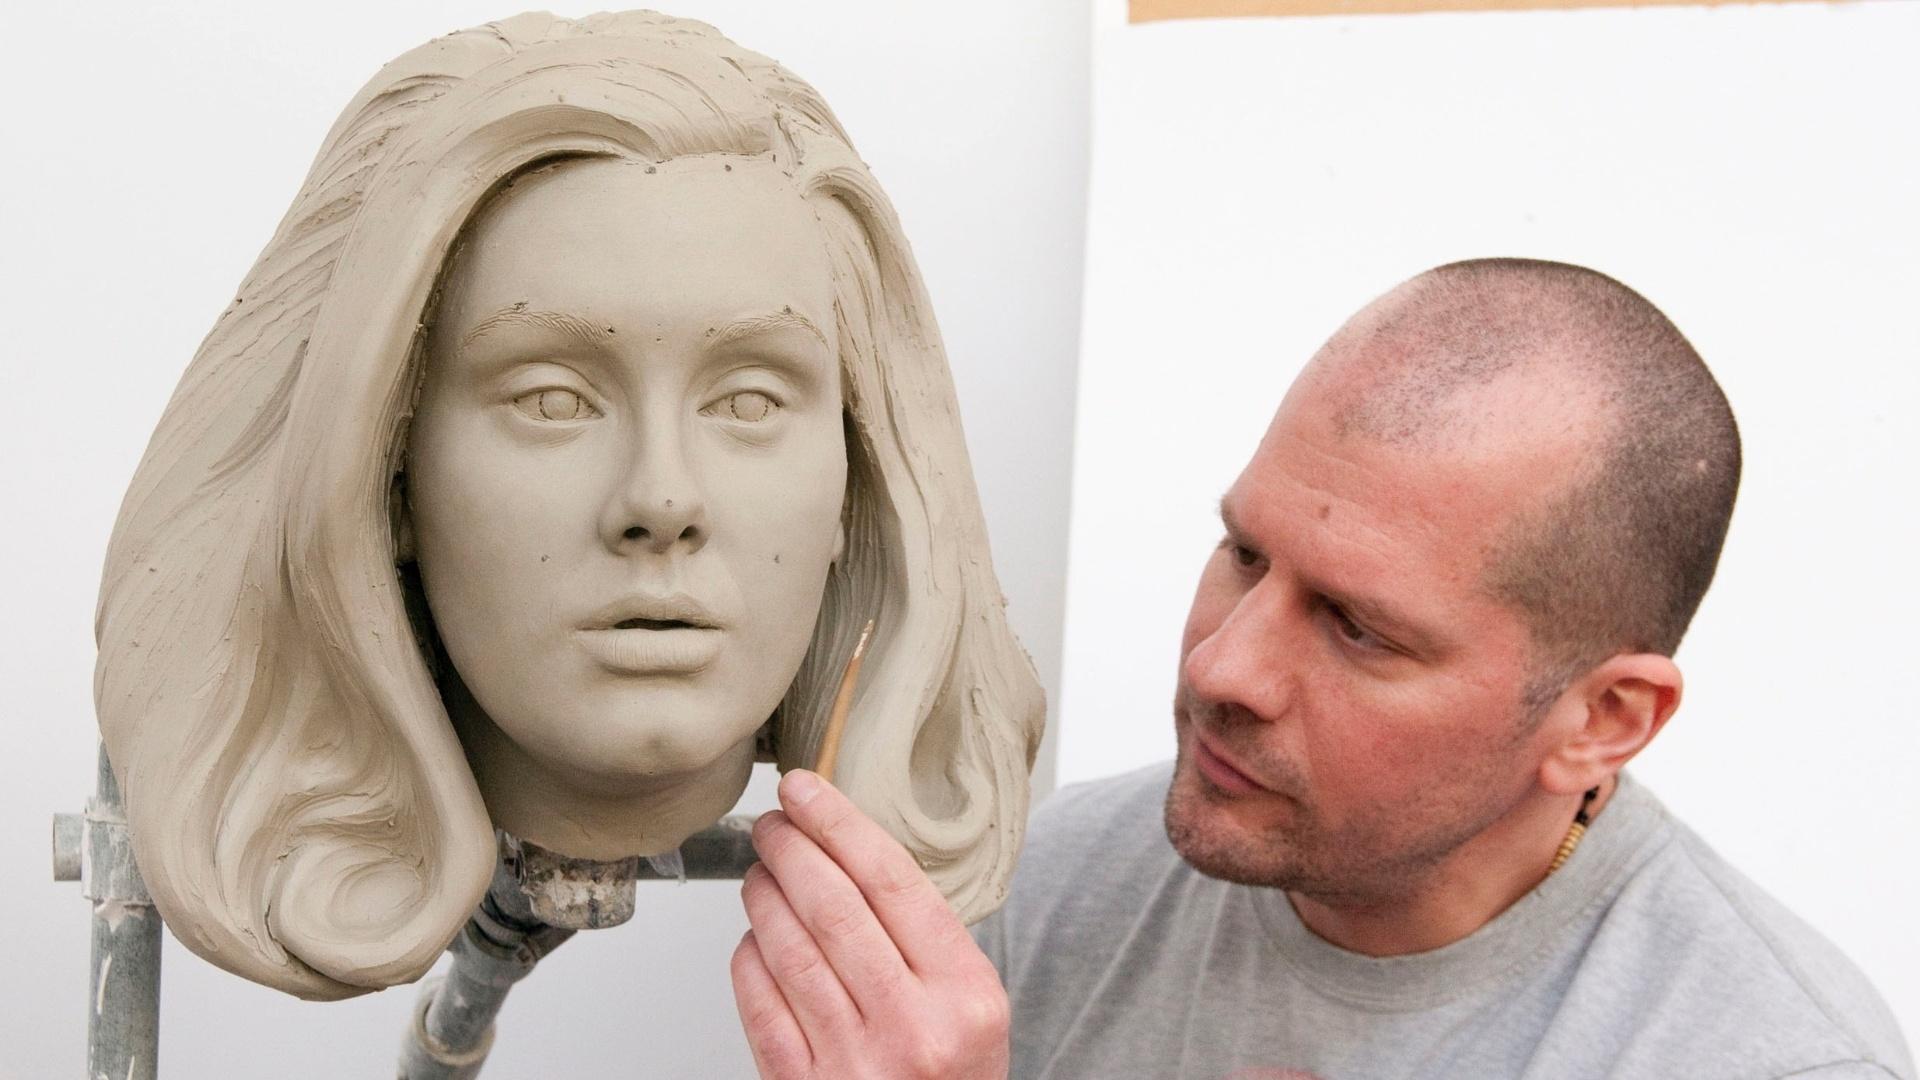 2.abr.2013 - Escultor Louis Wiltshire faz cabeça de argila que será usada como molde para estátua de cera da cantora Adele no museu Madame Tussauds em Londres e Amsterdã. Foto de 2 de abril divulgada em 2 de maio